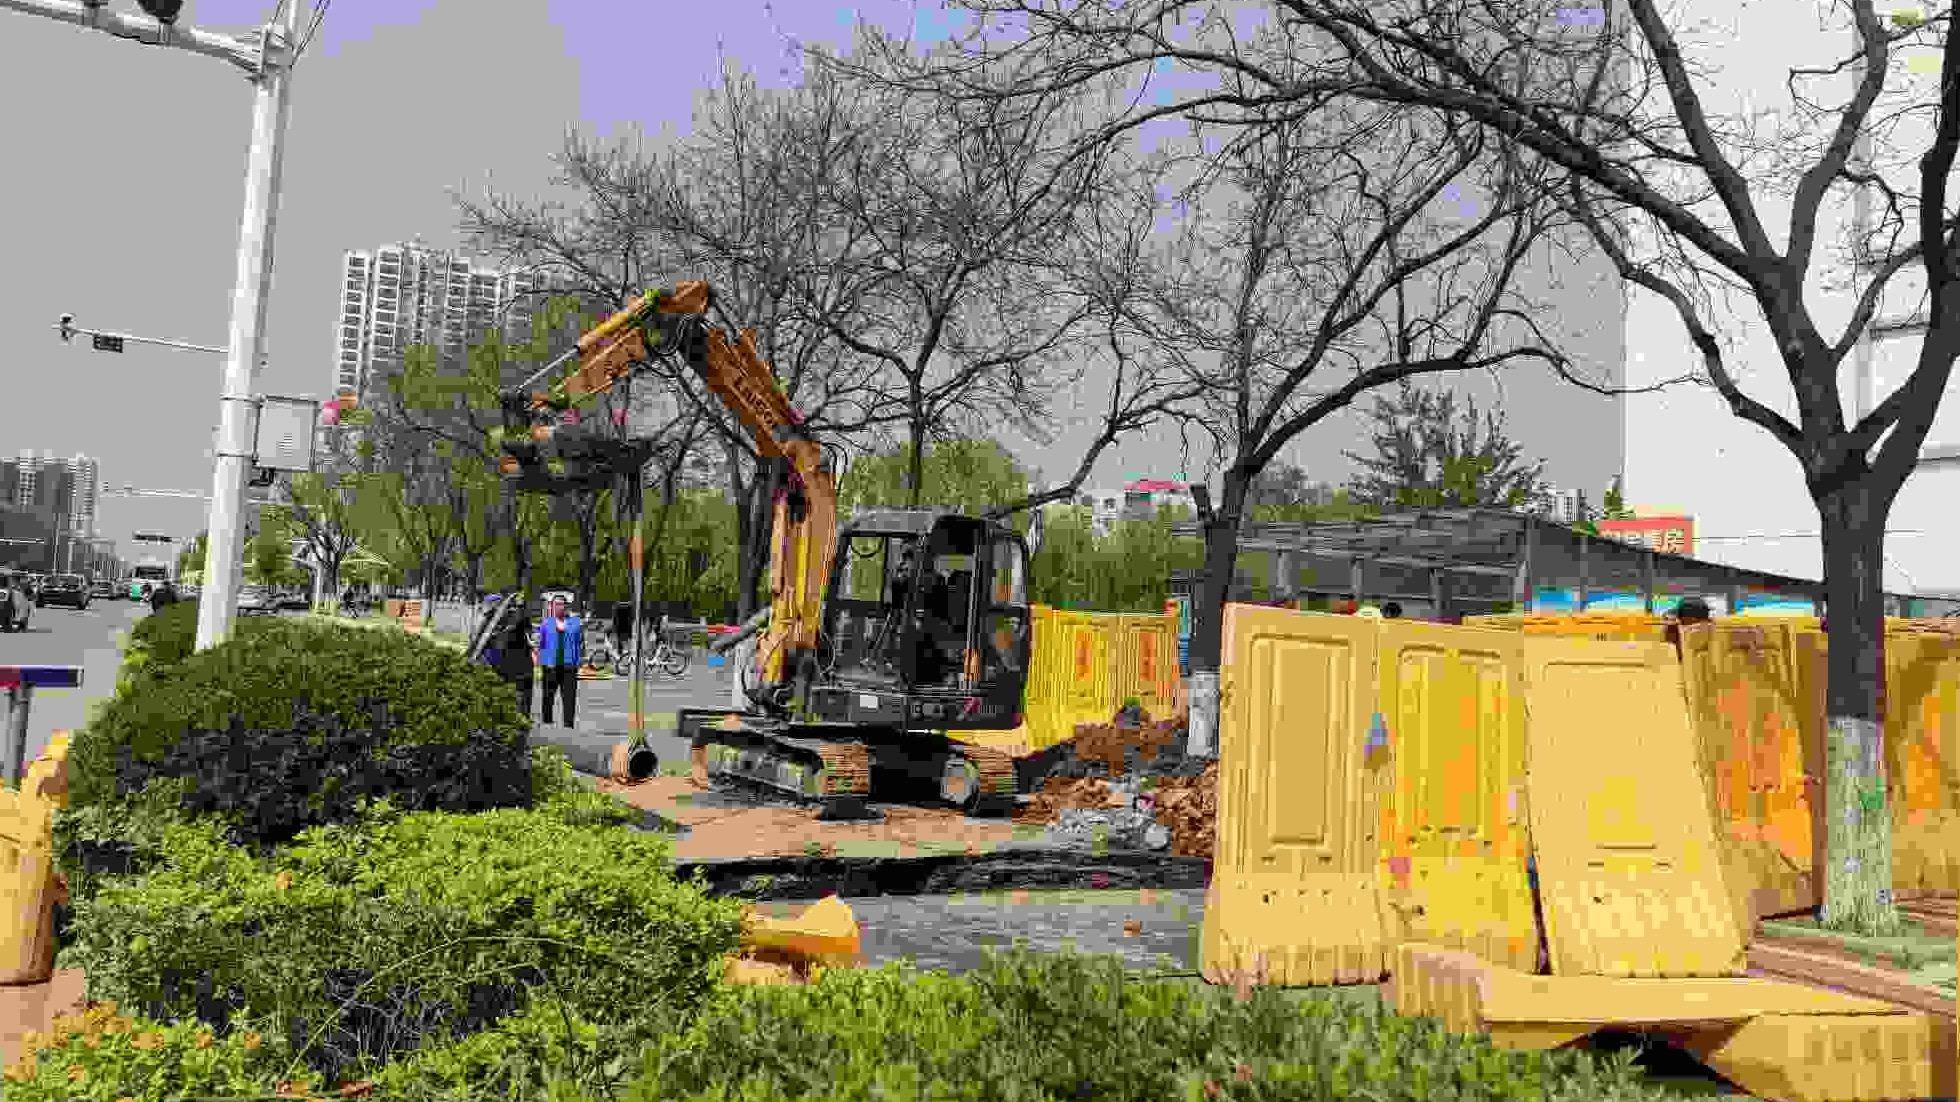 古槐路交通疏解项目20日开工,正在进行道路清障工作